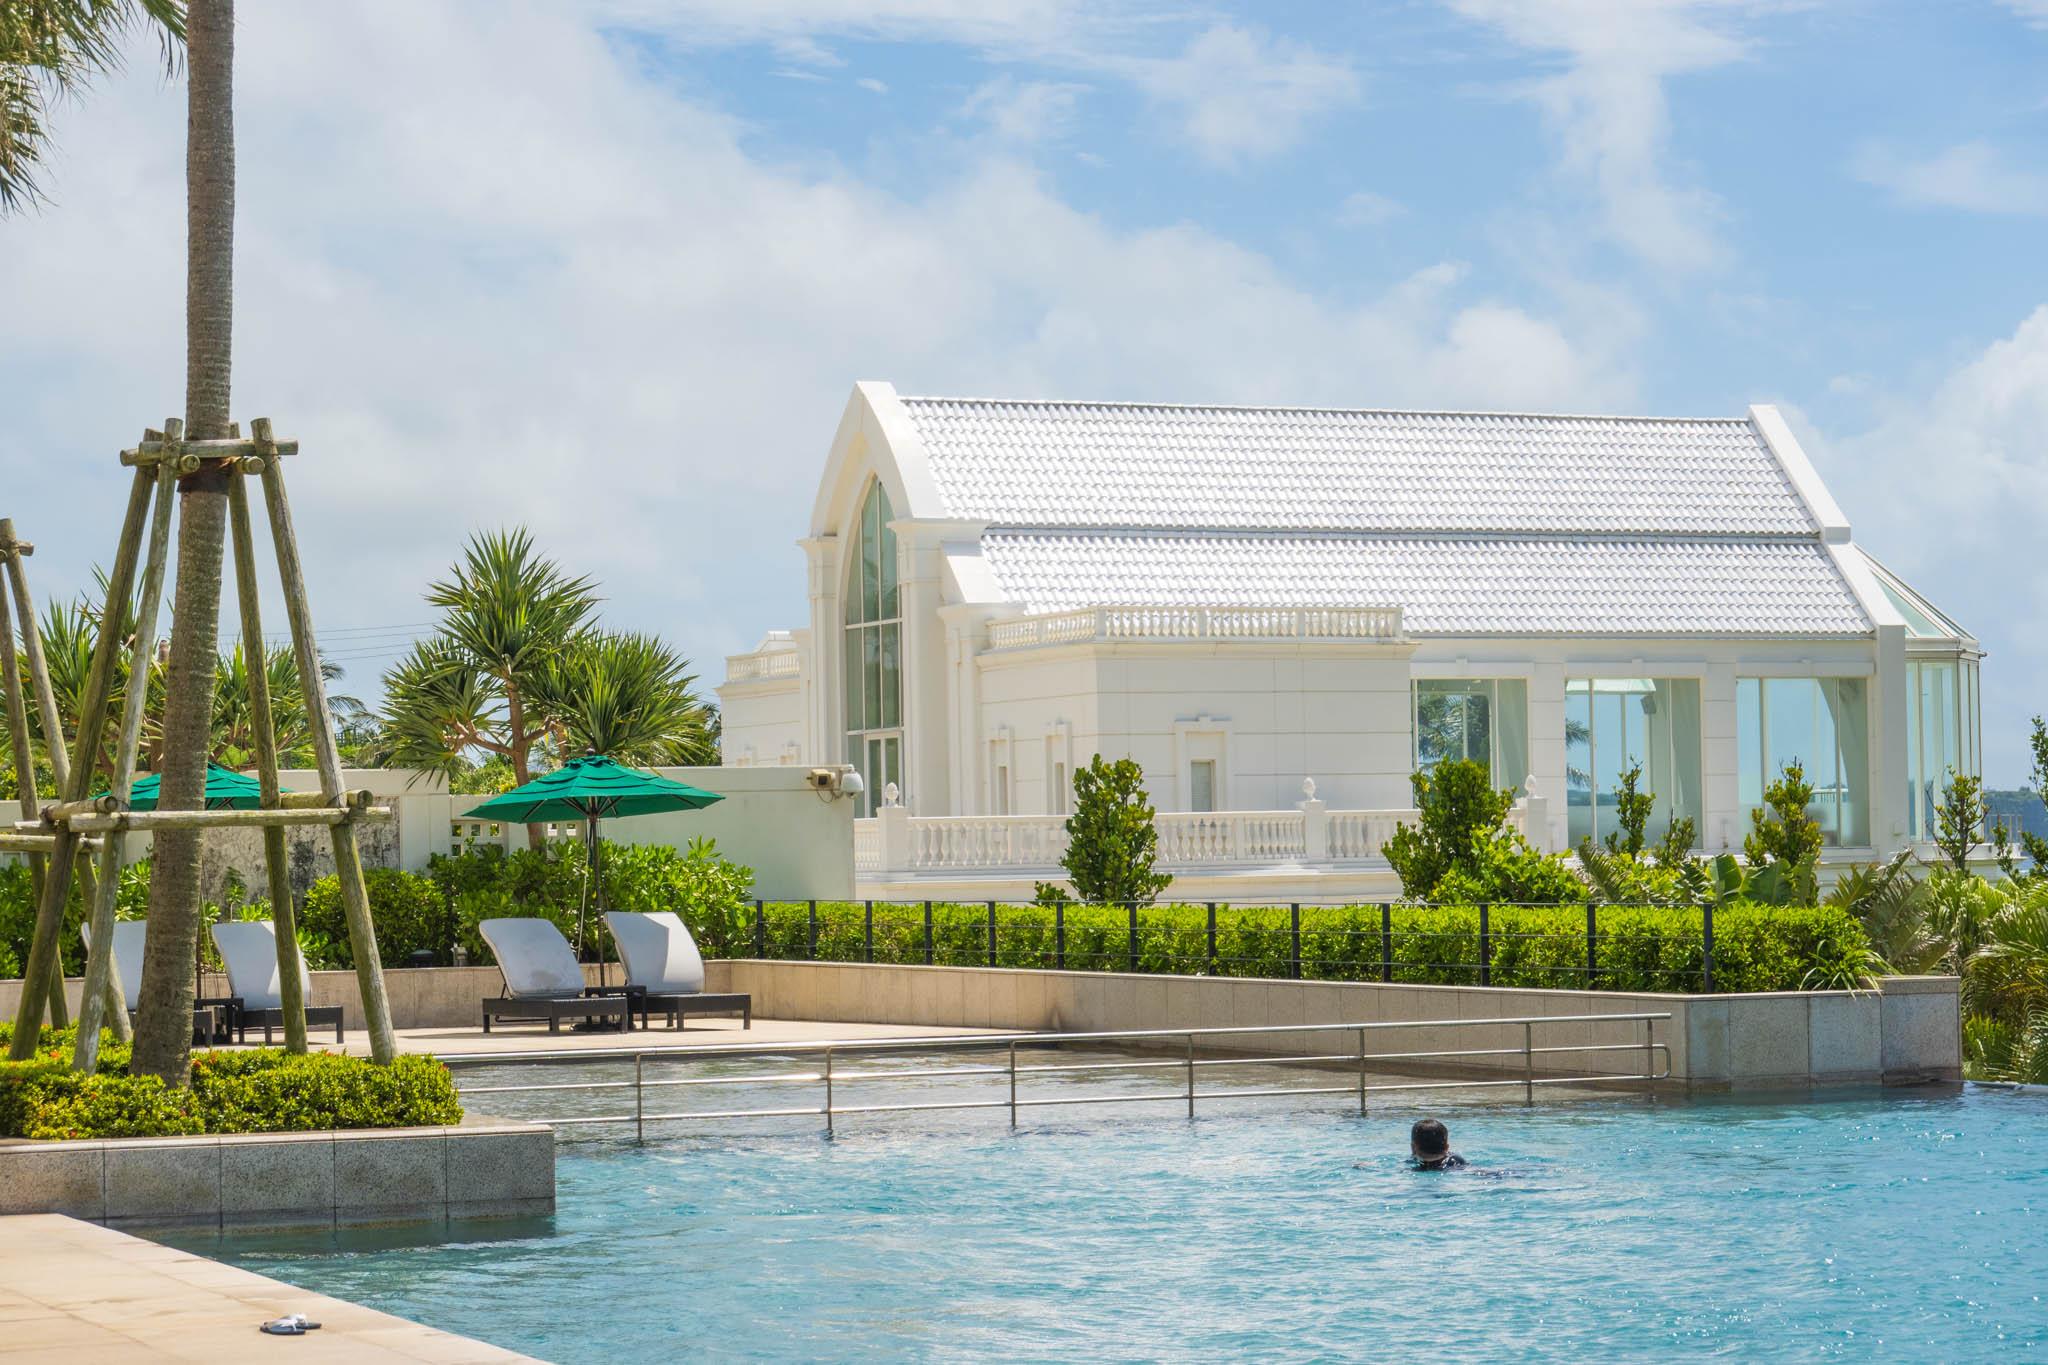 沖縄 DAY4 / プライベートビーチとリゾートプールを満喫